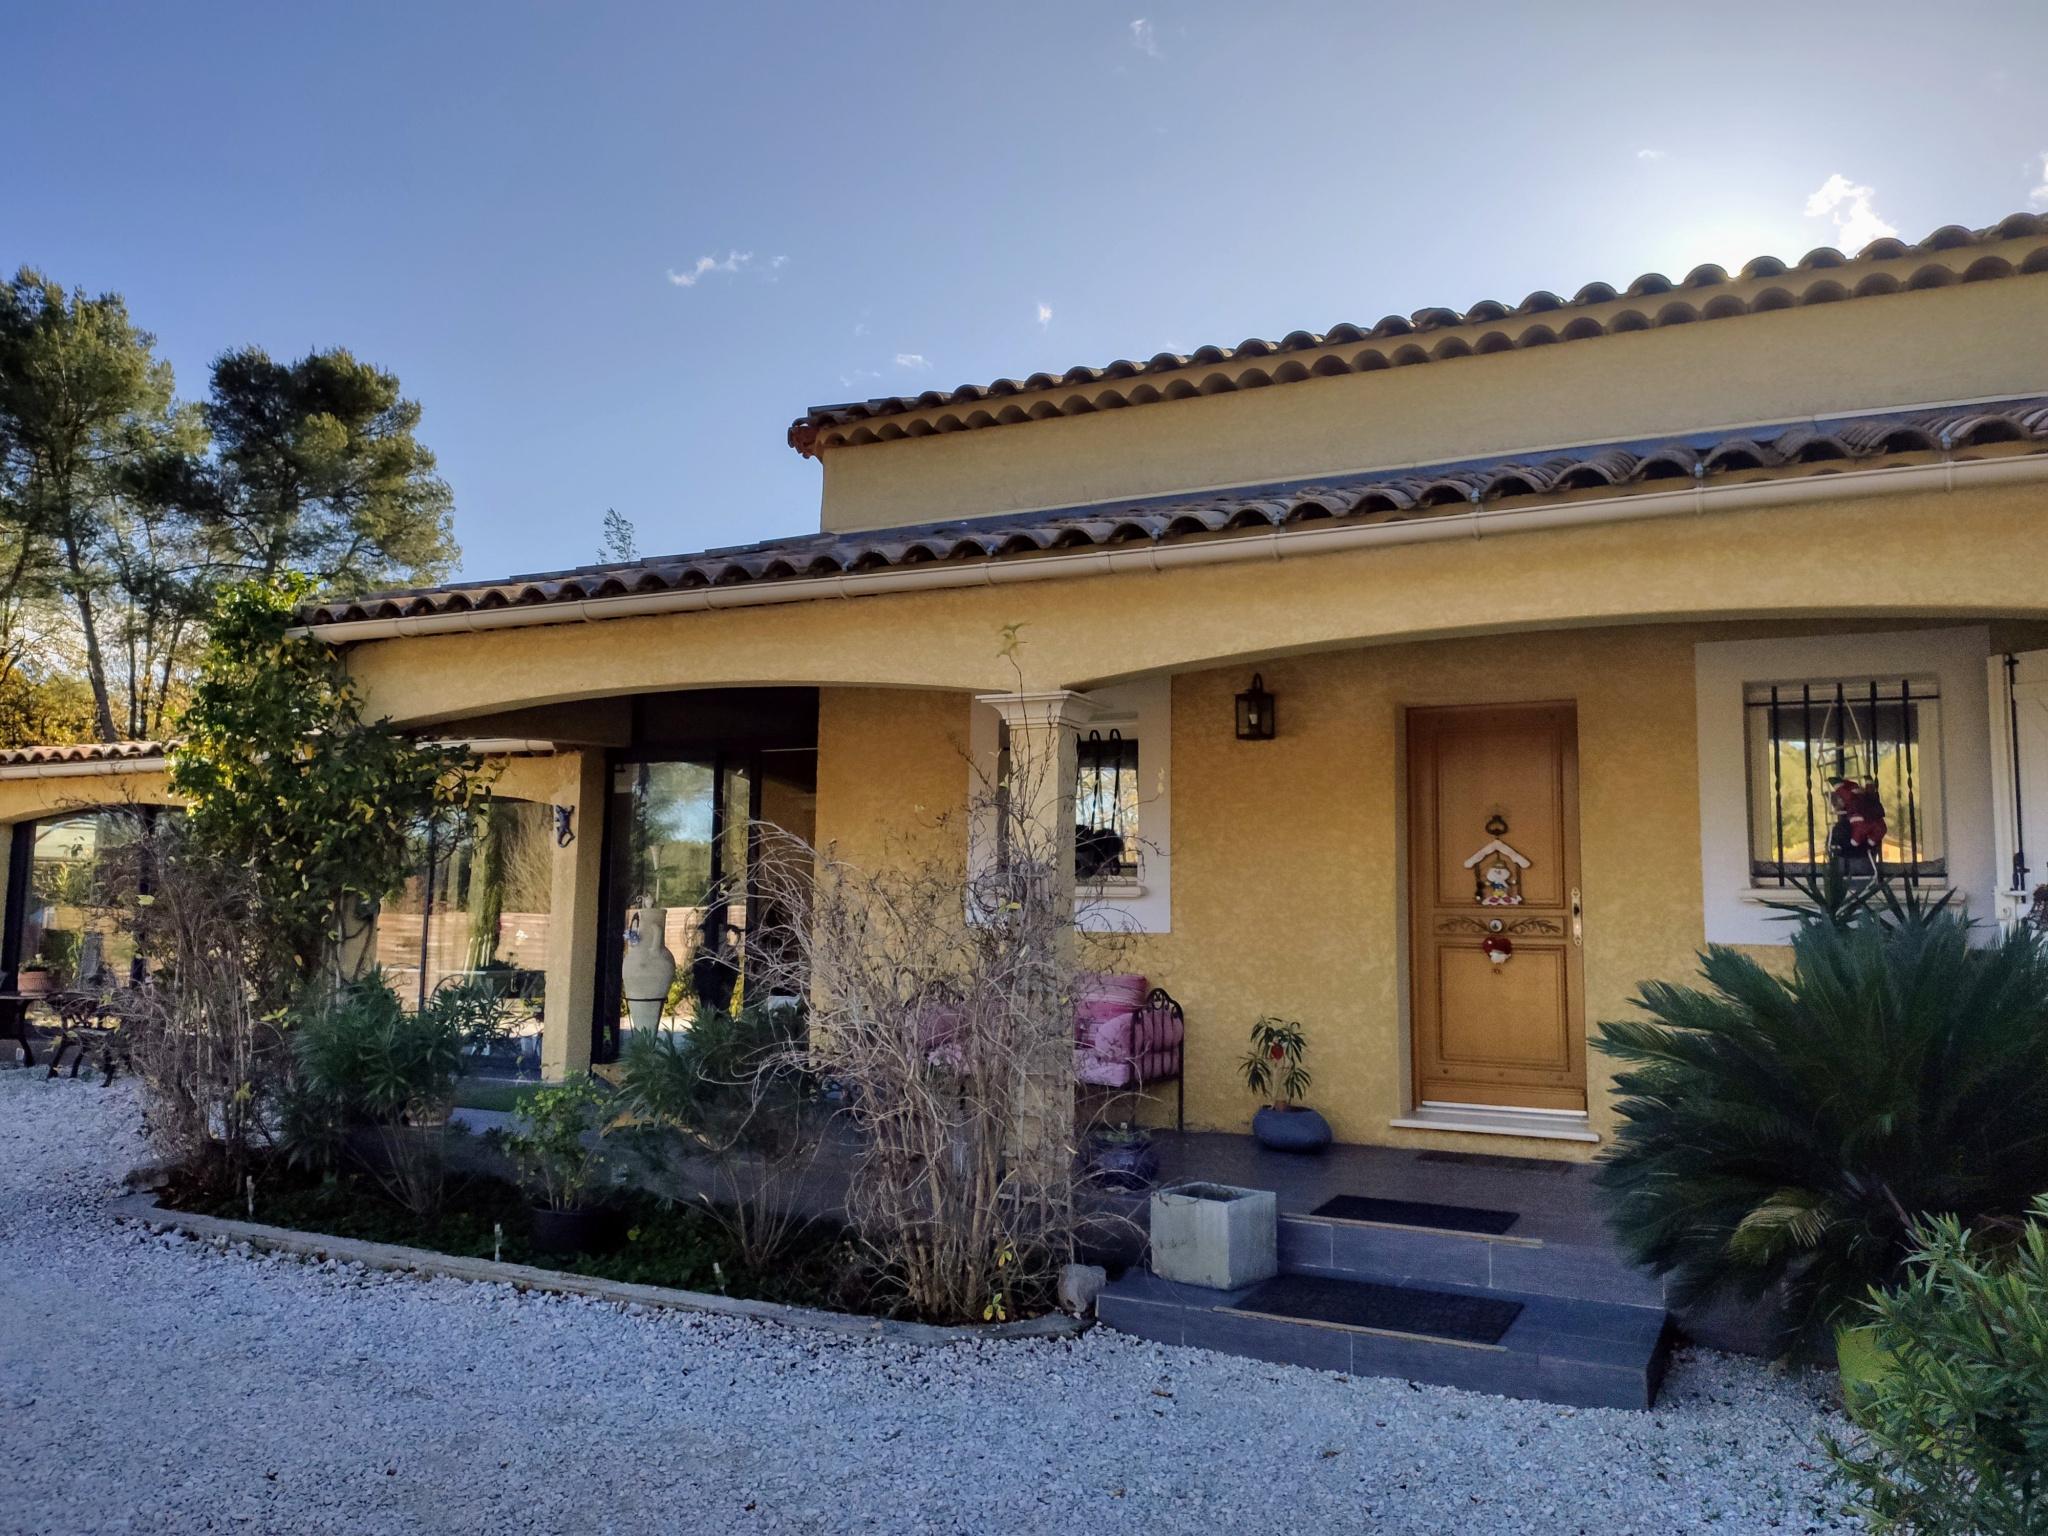 Vente Vente Maison 8 Pieces D Environ 230m2 Ideal Pour 2 Familles